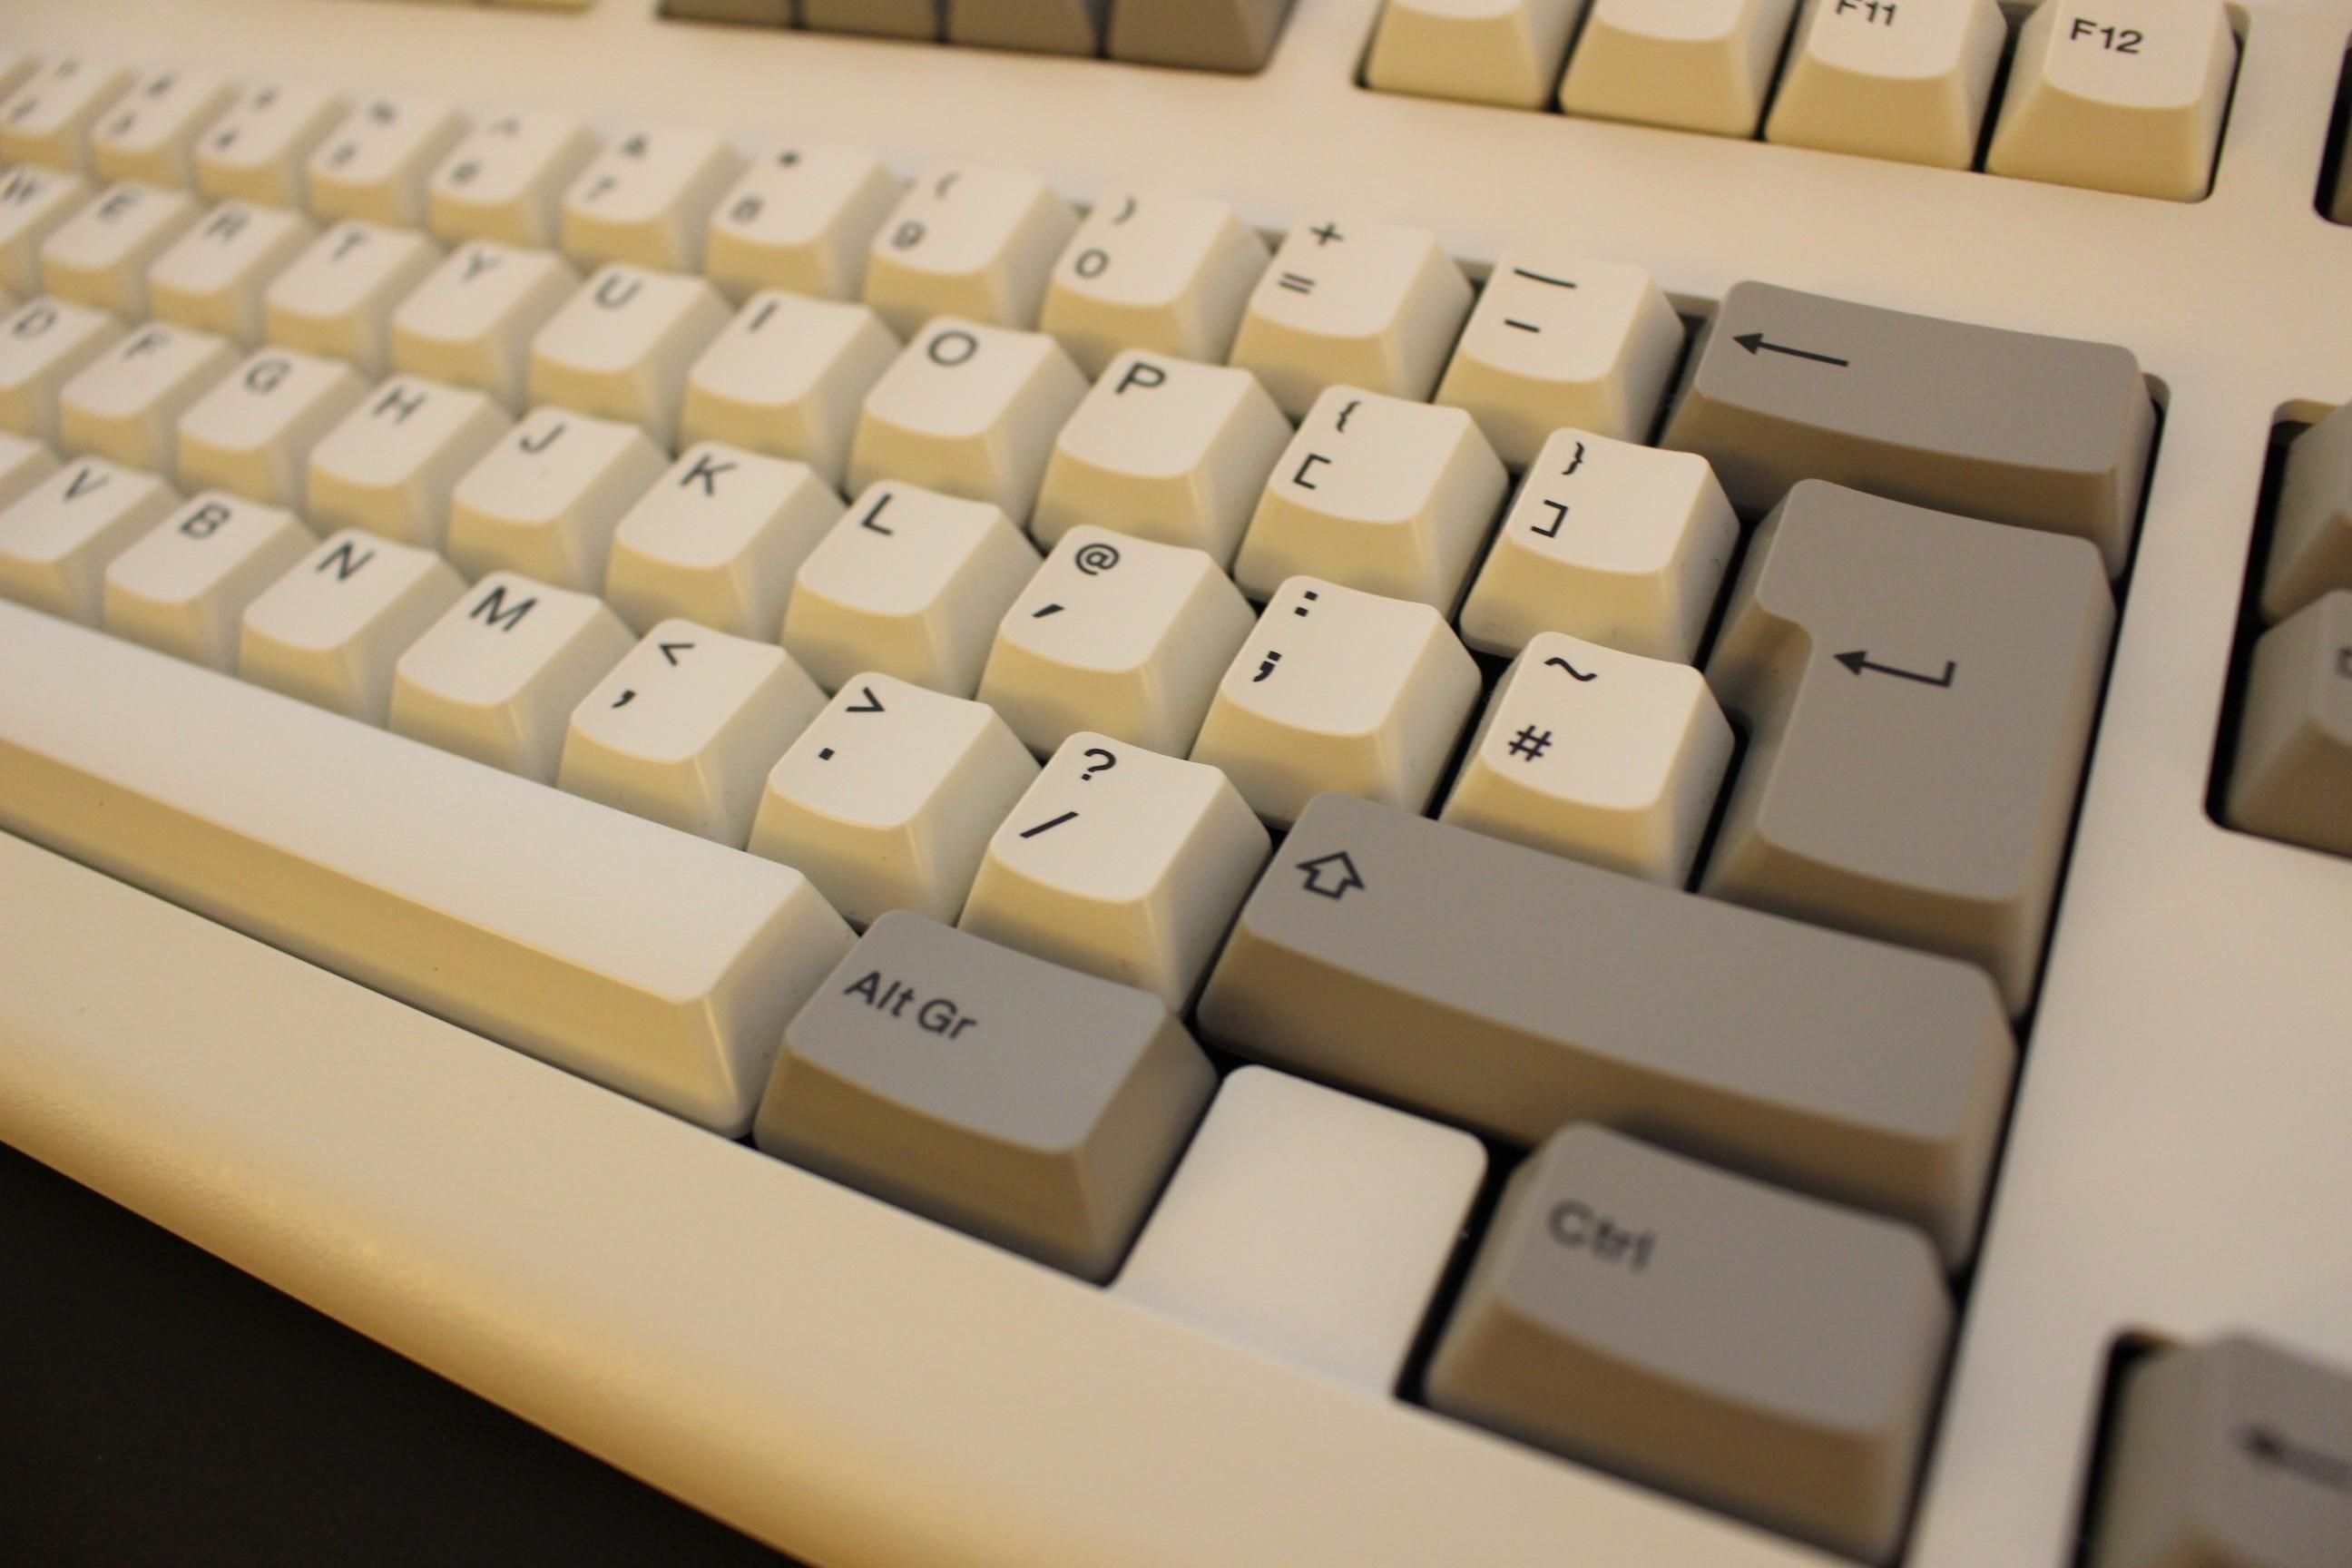 Keyboard Junk